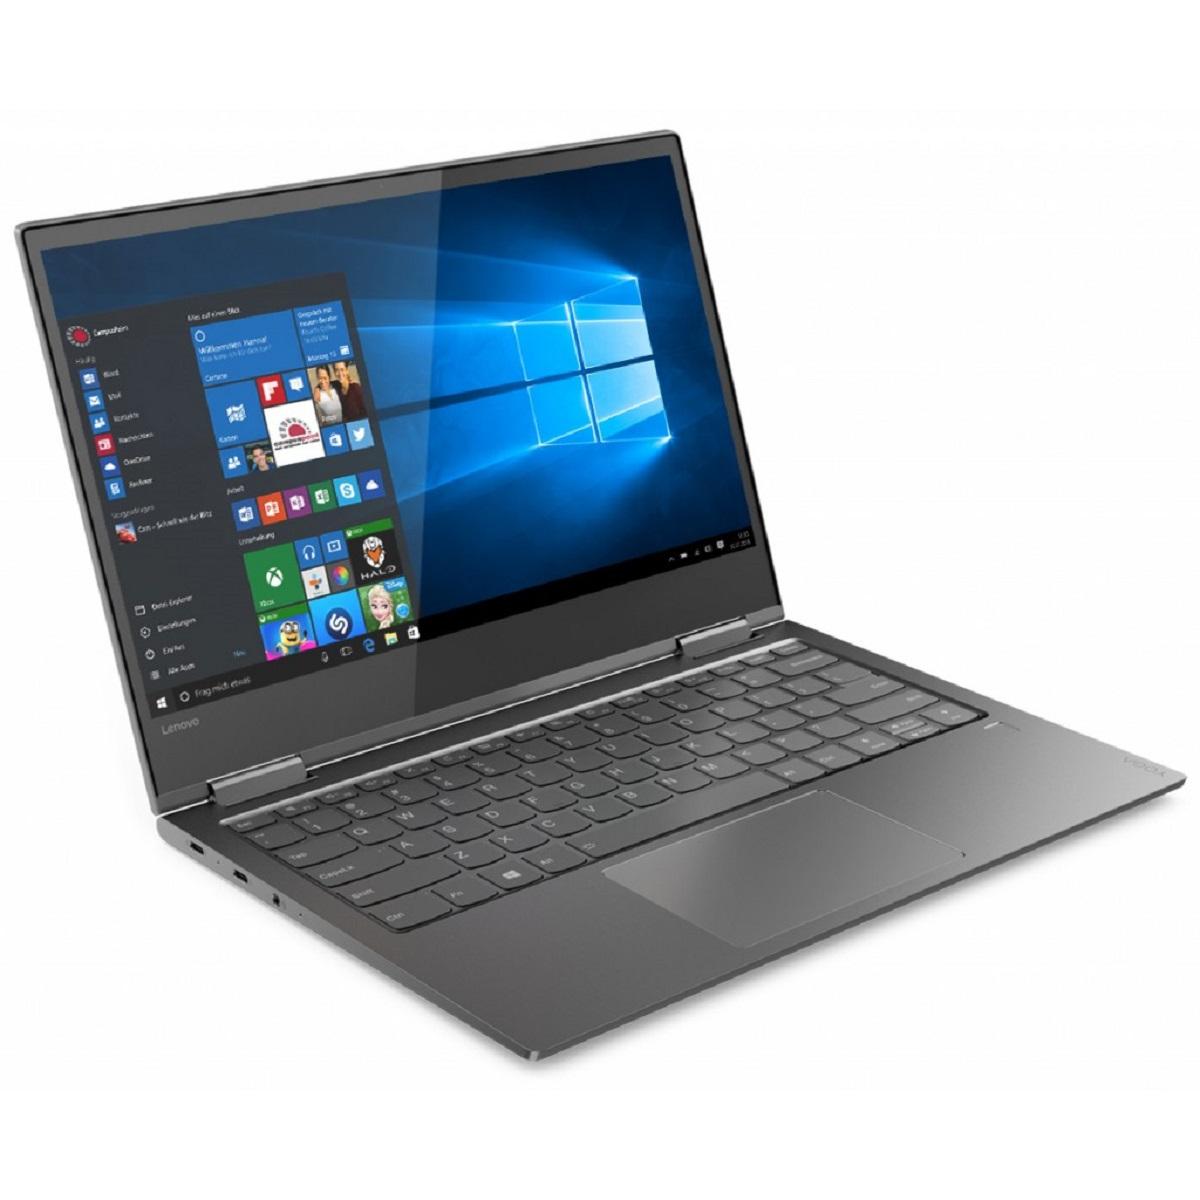 Ноутбуки Lenovo пользуются популярностью у пользователей